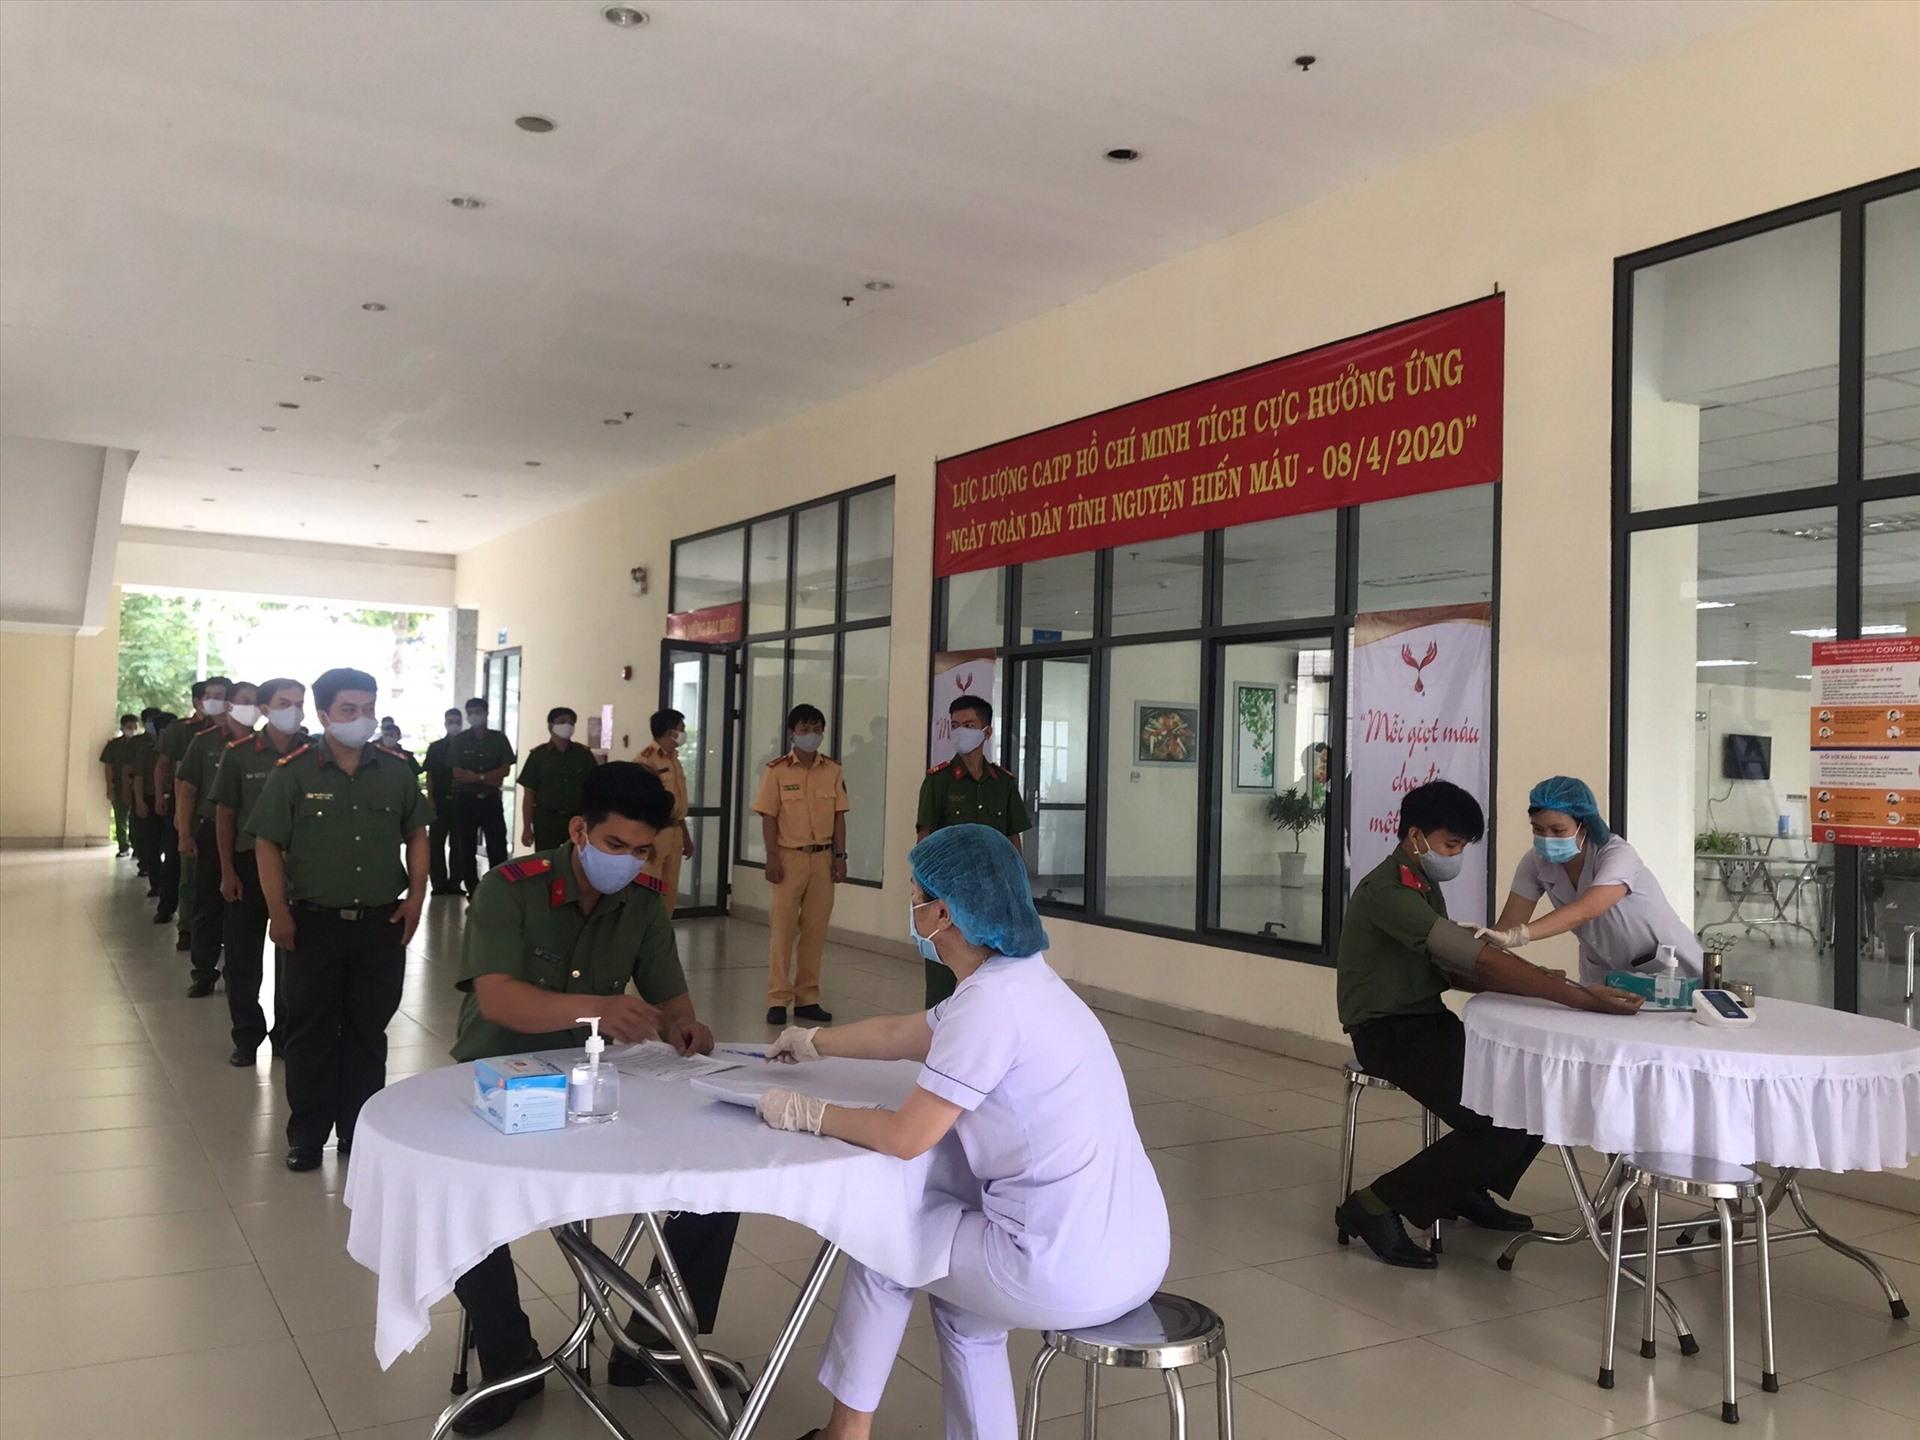 Cán bộ, chiến sĩ có mặt tại trụ Công an TPHCM để tham gia hiến máu